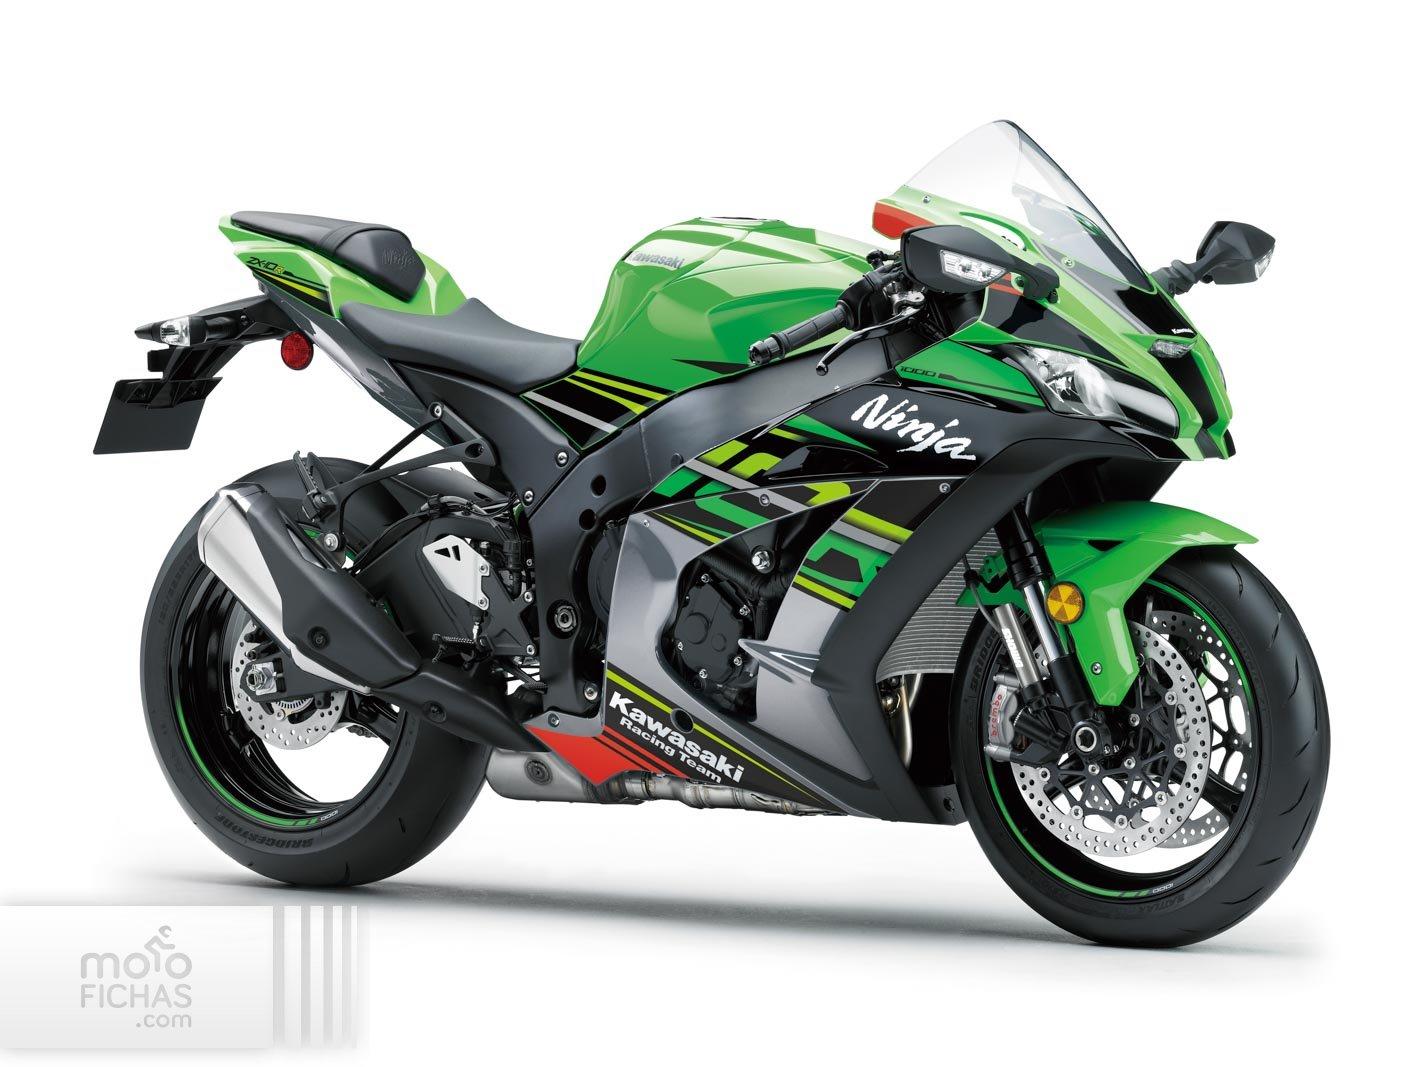 Kawasaki Ninja ZX-10R/RR/SE 2019 precio ficha opiniones y